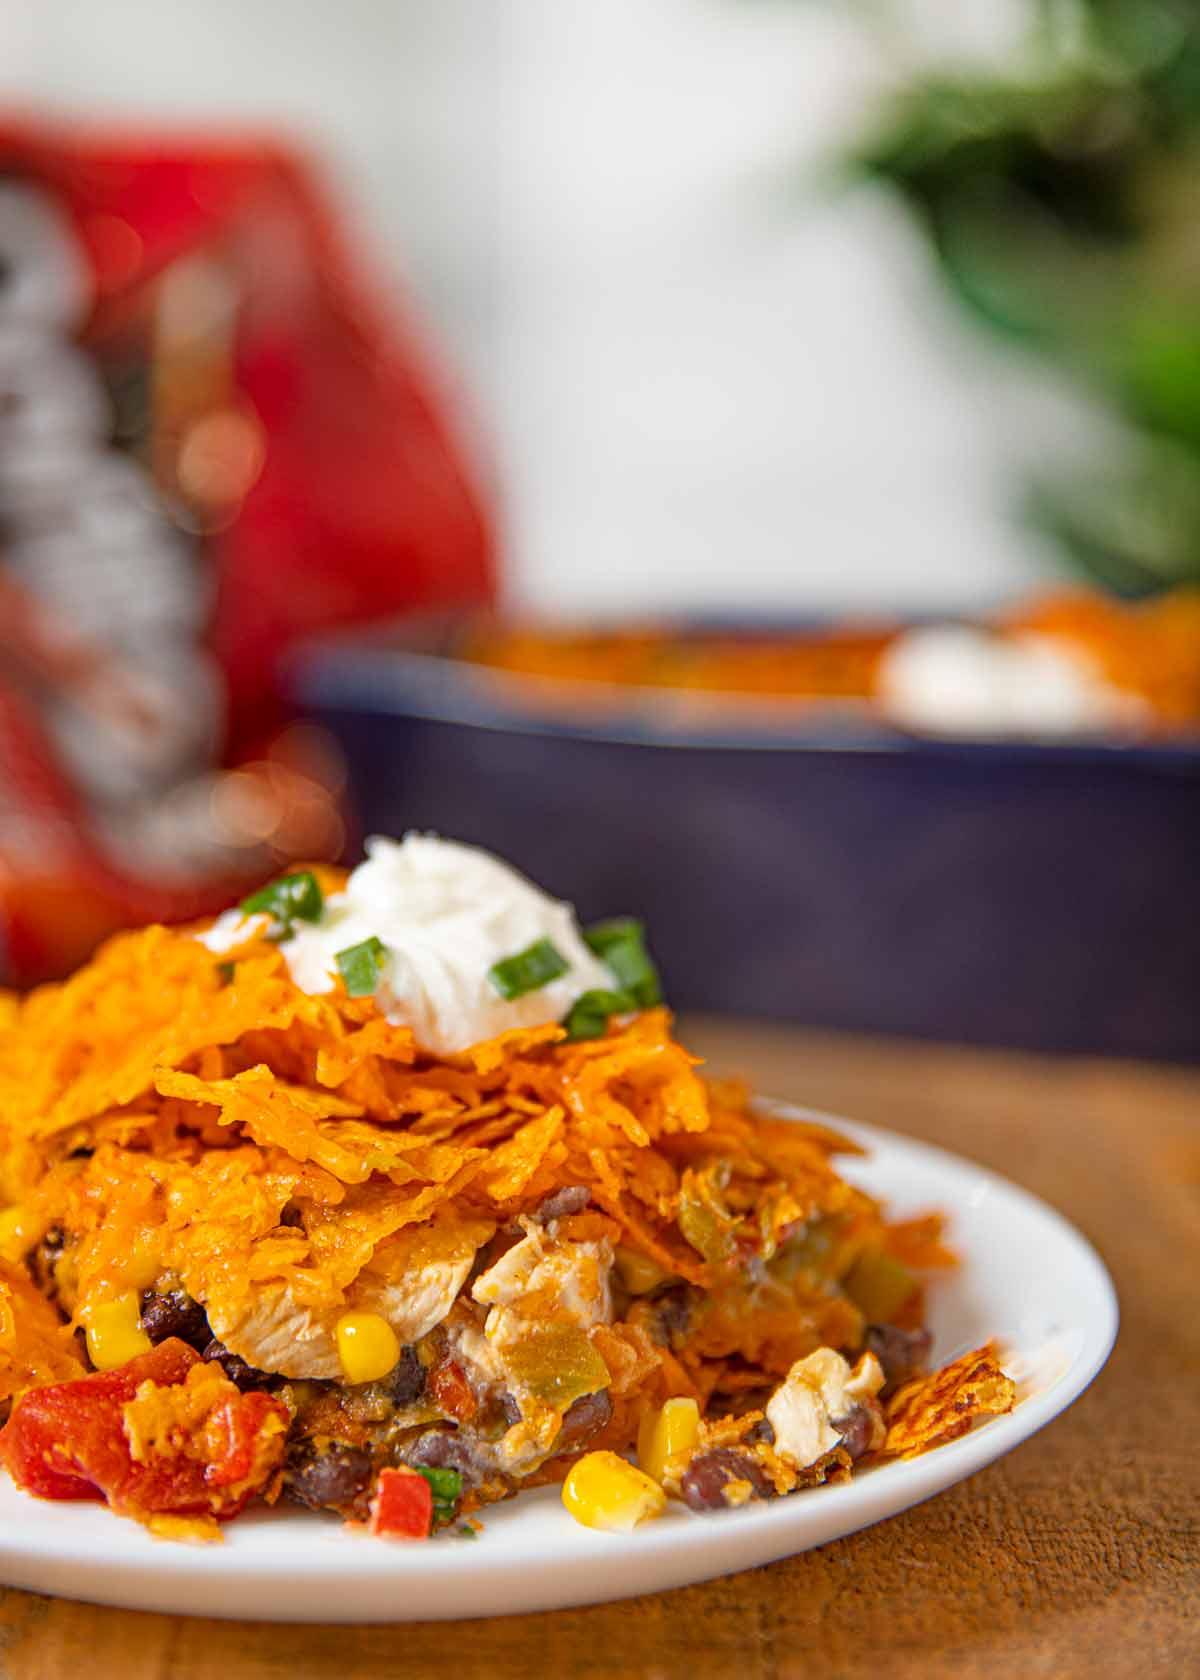 Doritos Chicken Casserole serving on plate